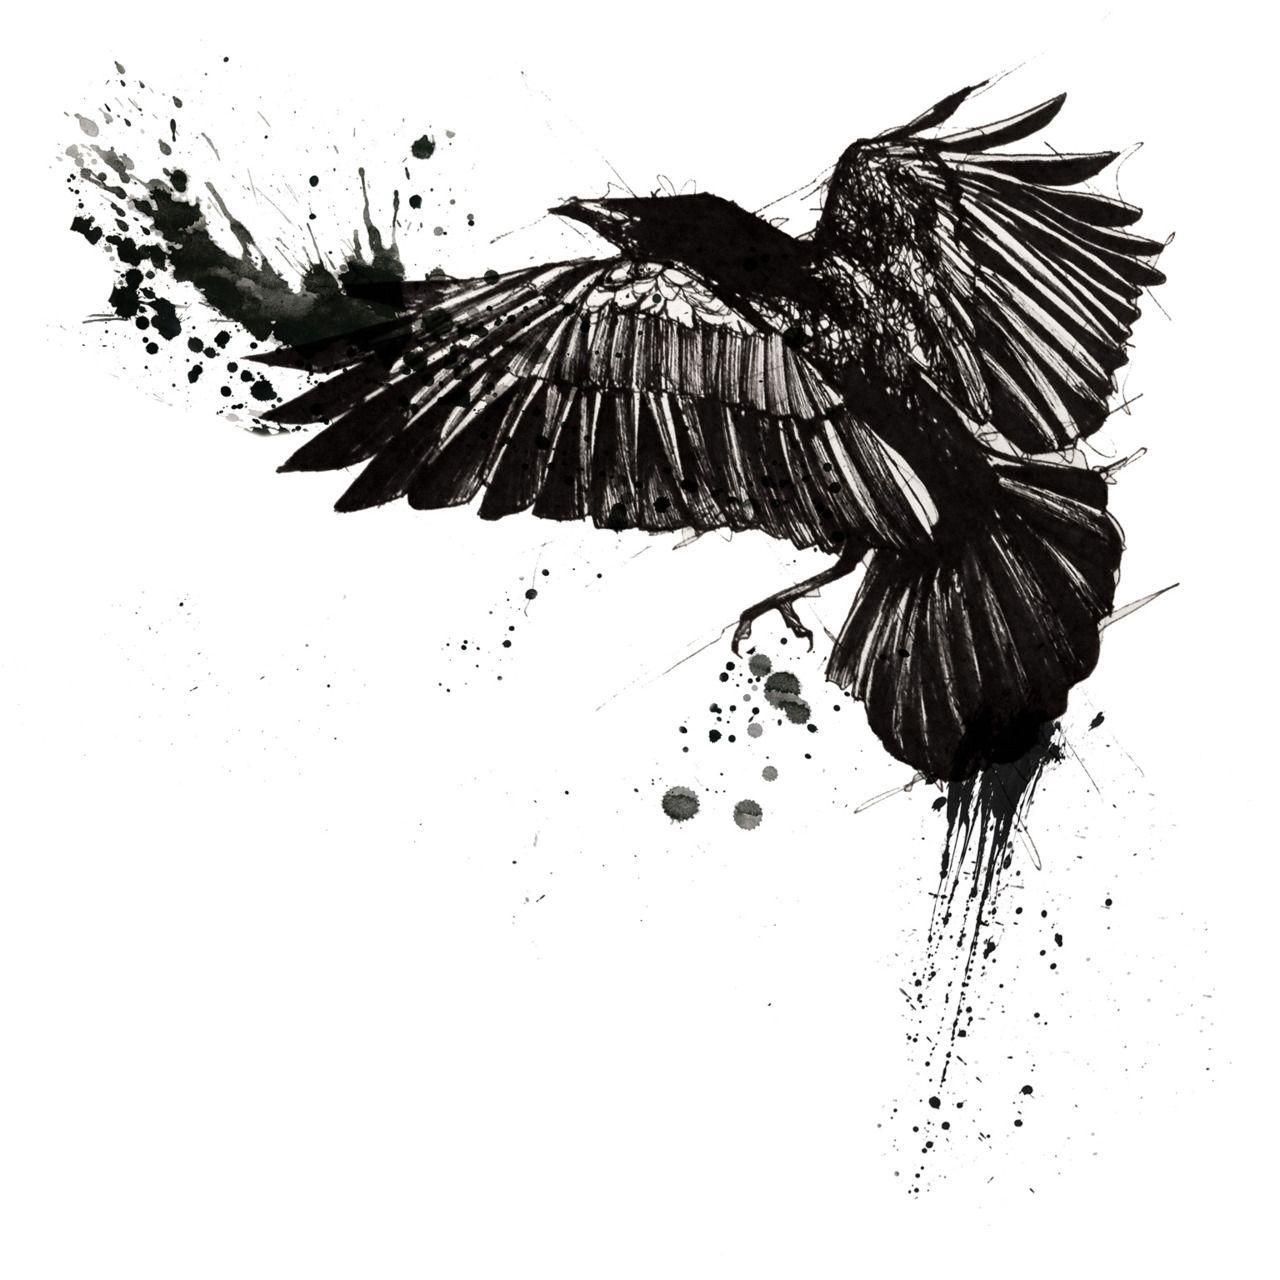 Raven/ink design